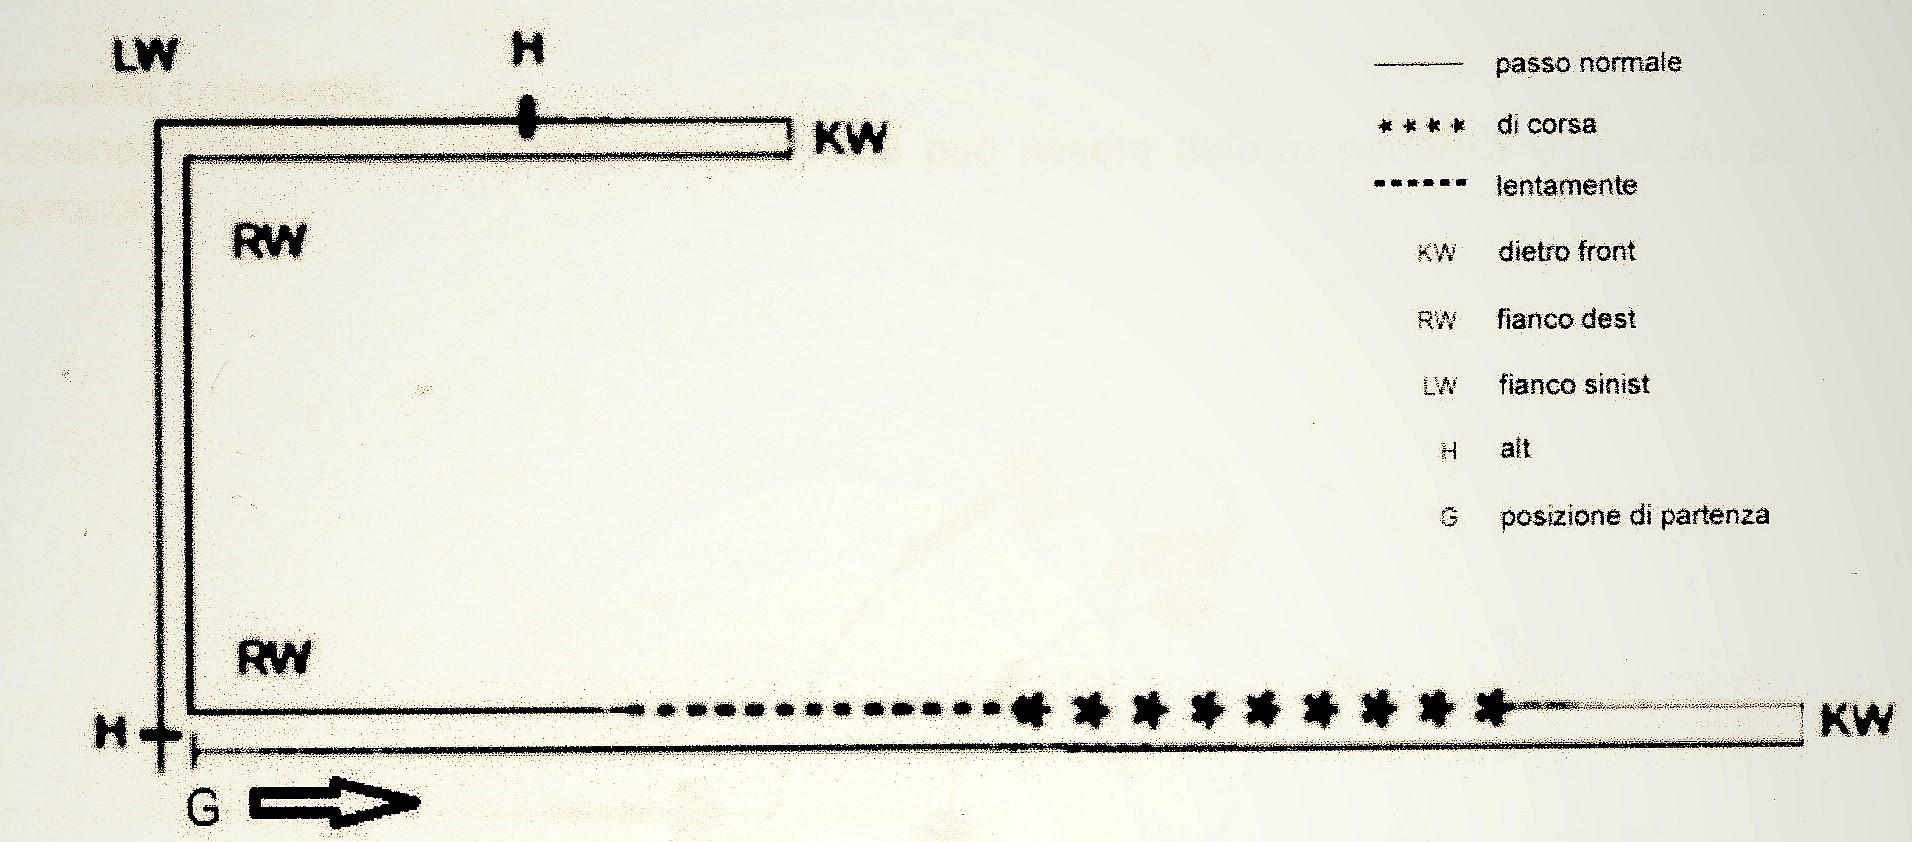 schema-condotta-ipo-r-e